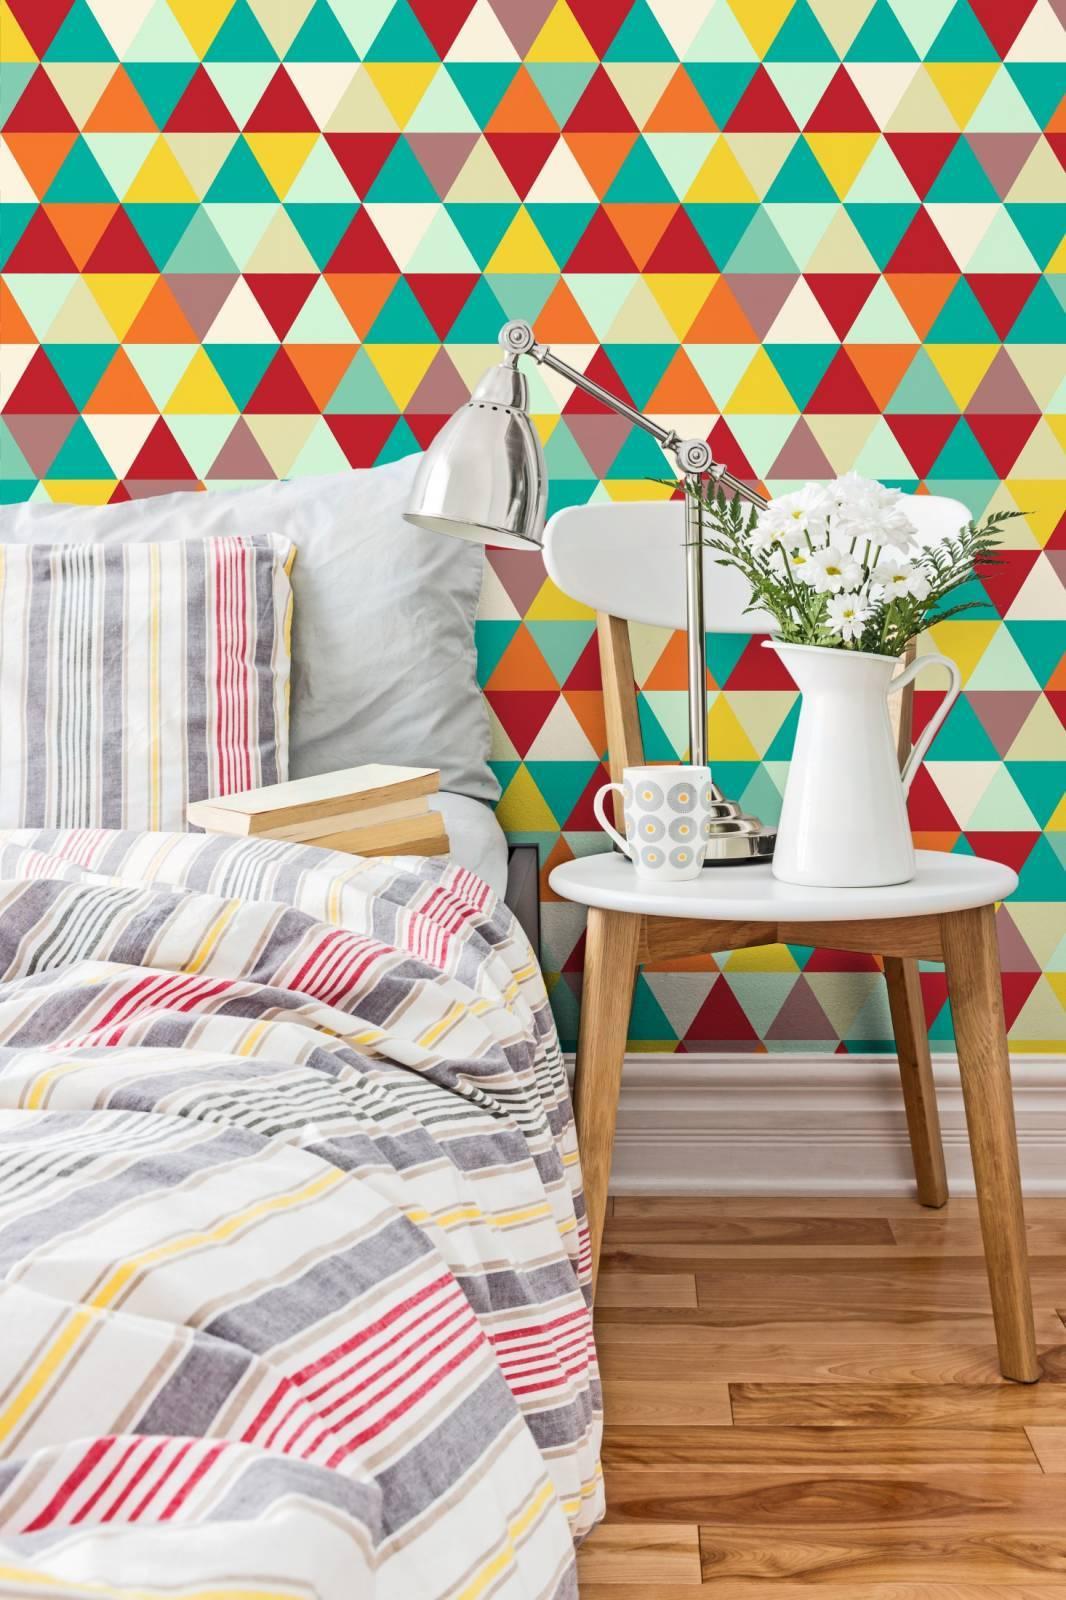 Papel de Parede Adesivo Geometrico Mosaico Colorido/Rolo  imagem 3